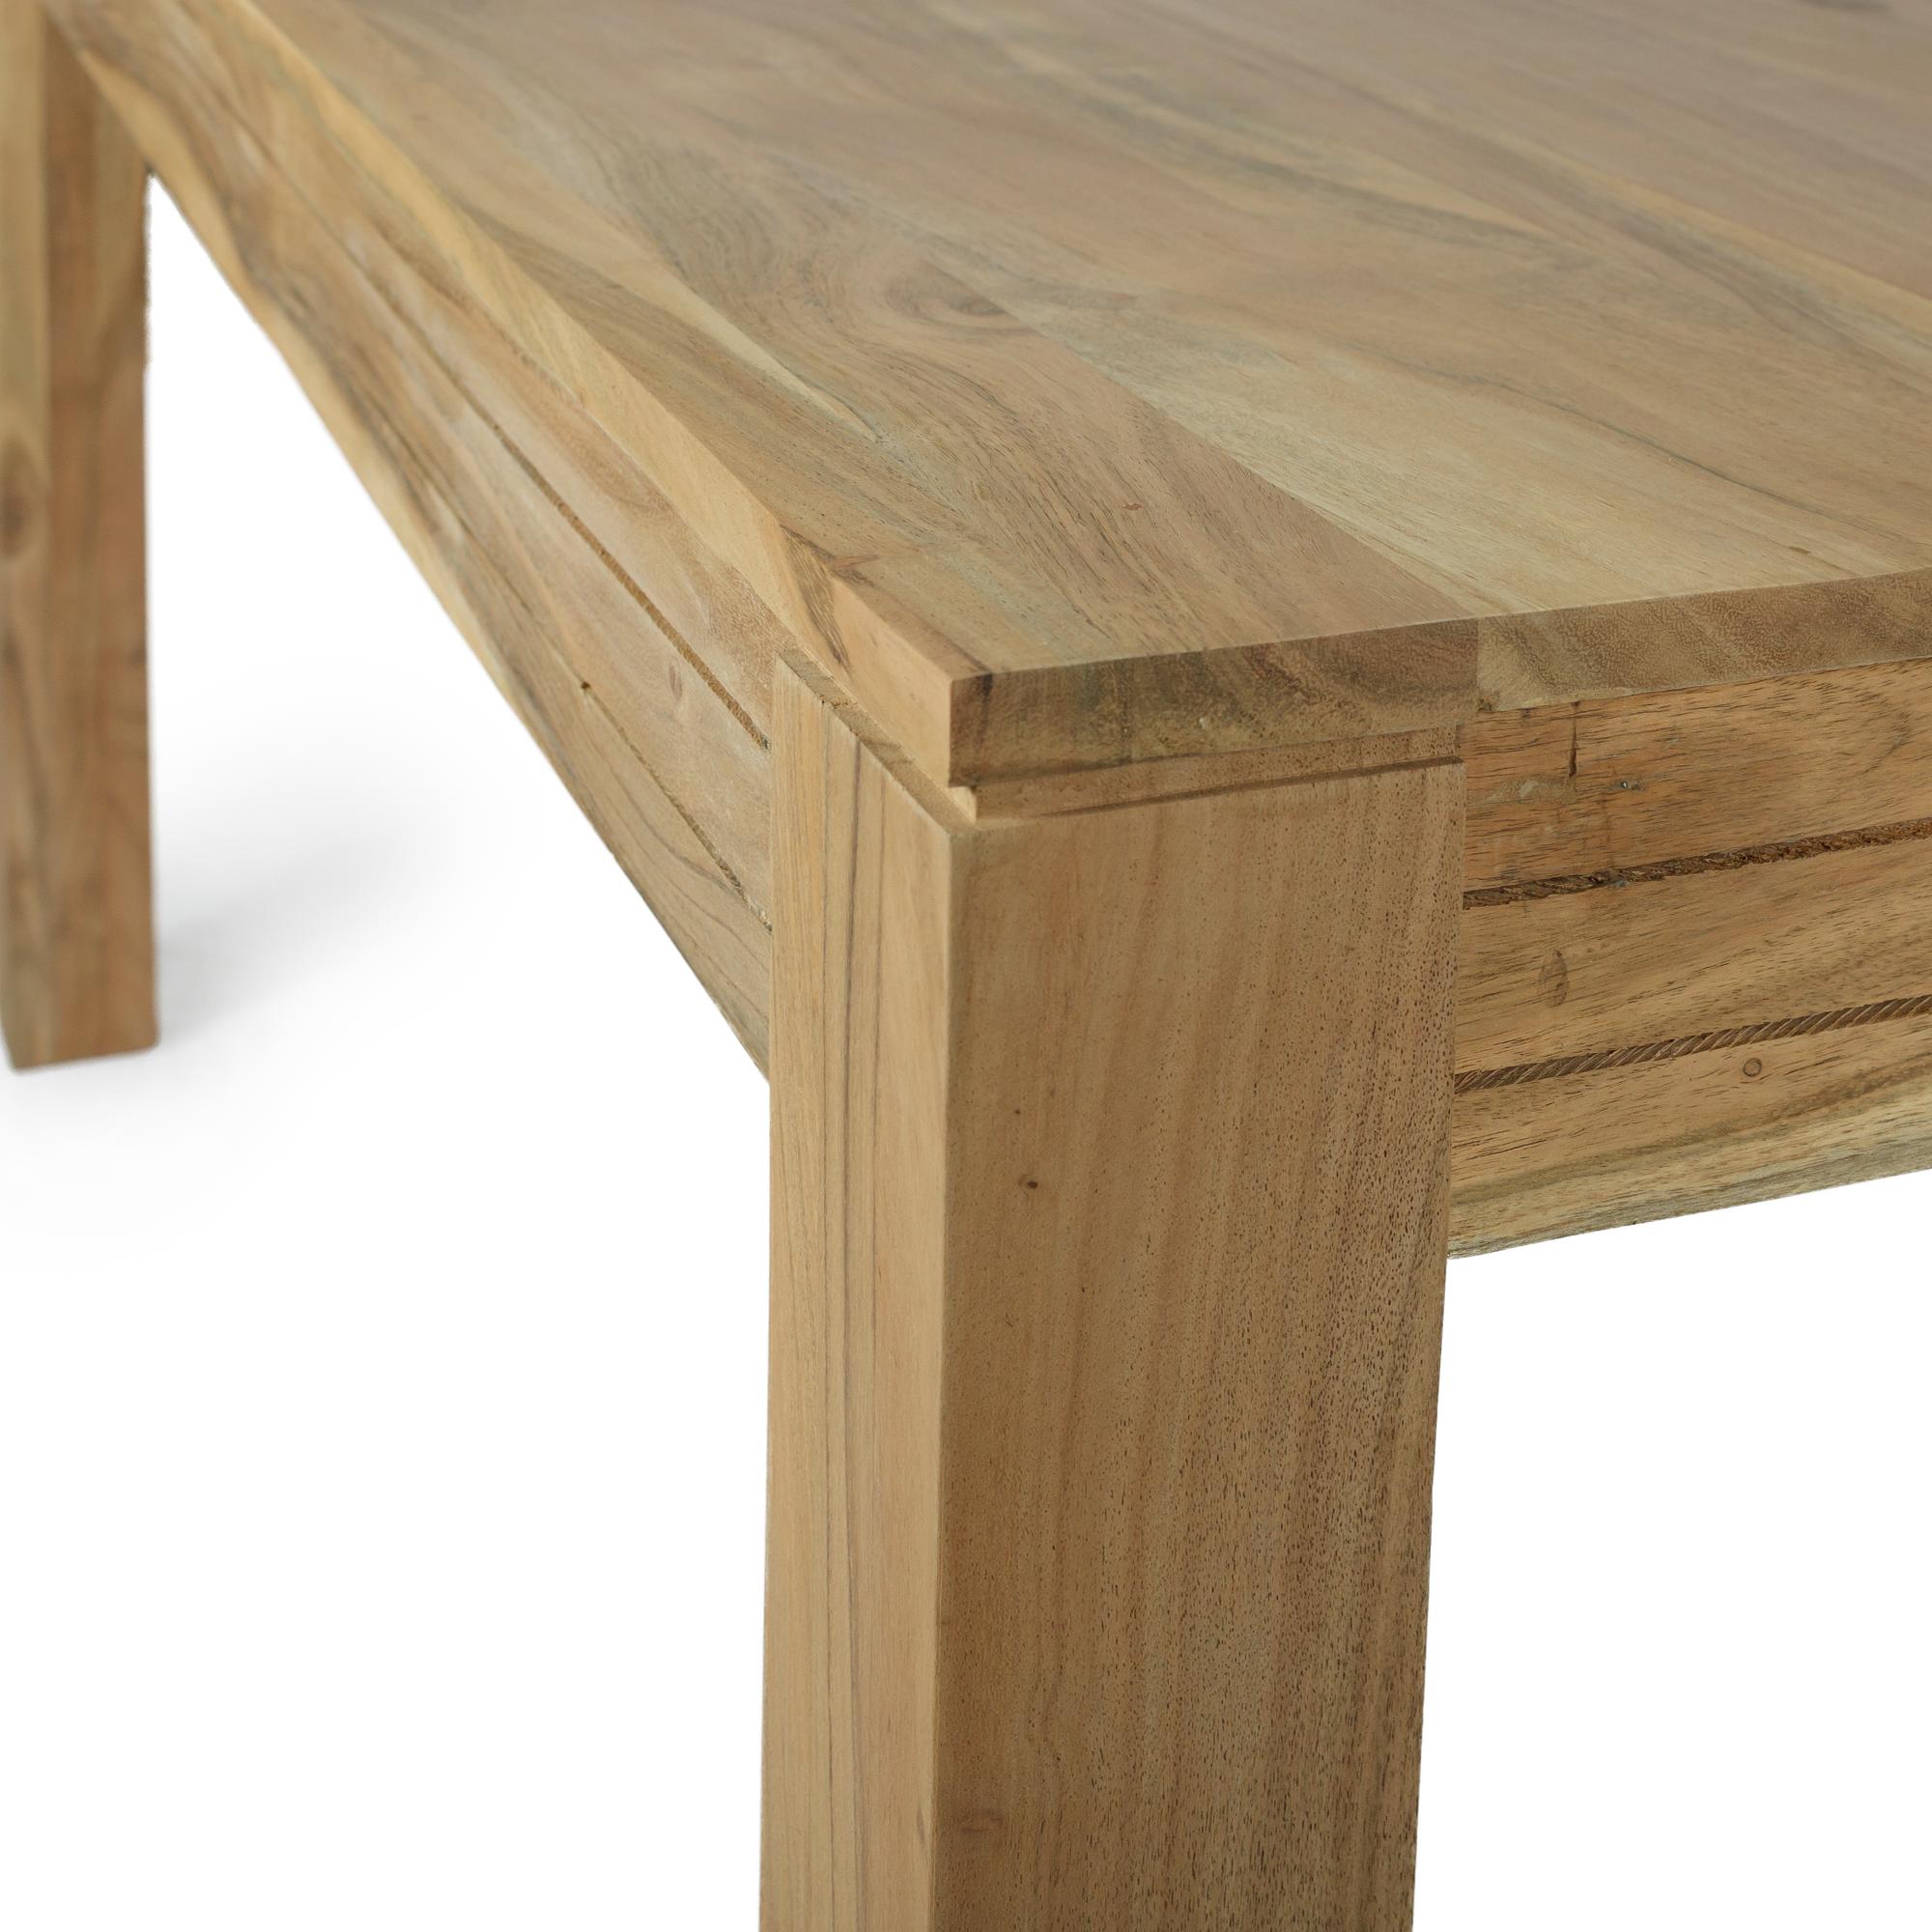 Esstisch massivholz akazie natur 160x90 for Ledersessel esstisch